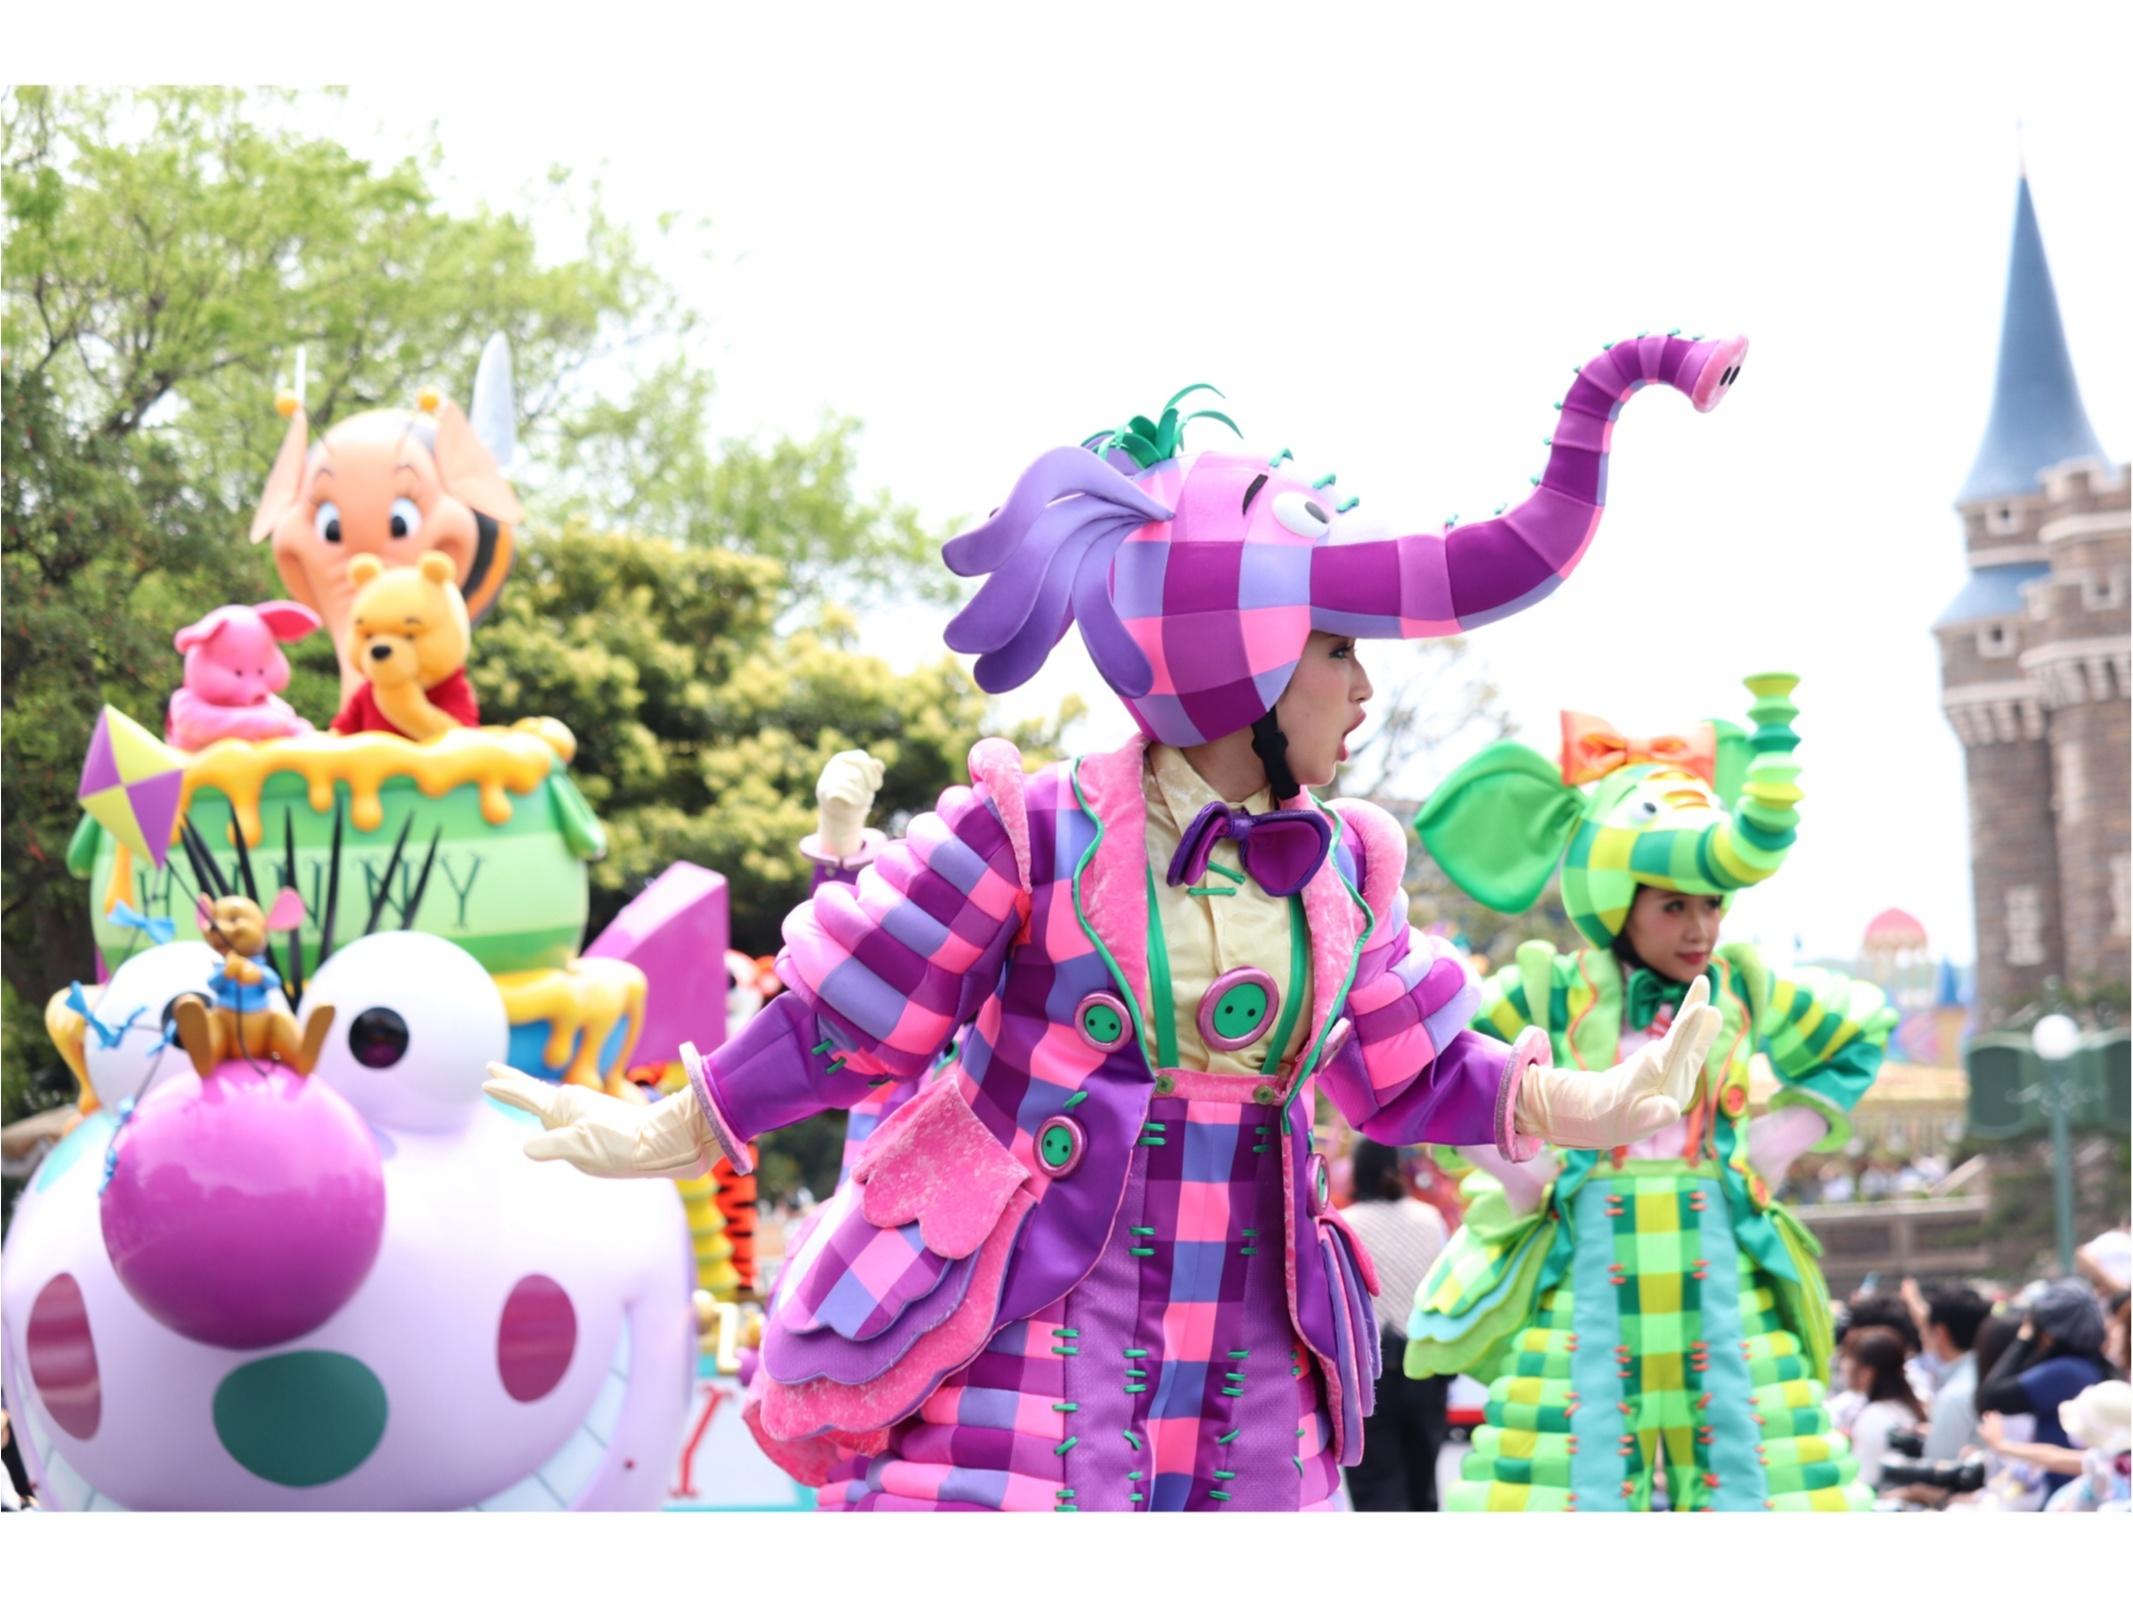 ▷【東京ディズニーランド35周年】Newパレード「ドリーミング・アップ!」がとにかく凄い!!_19